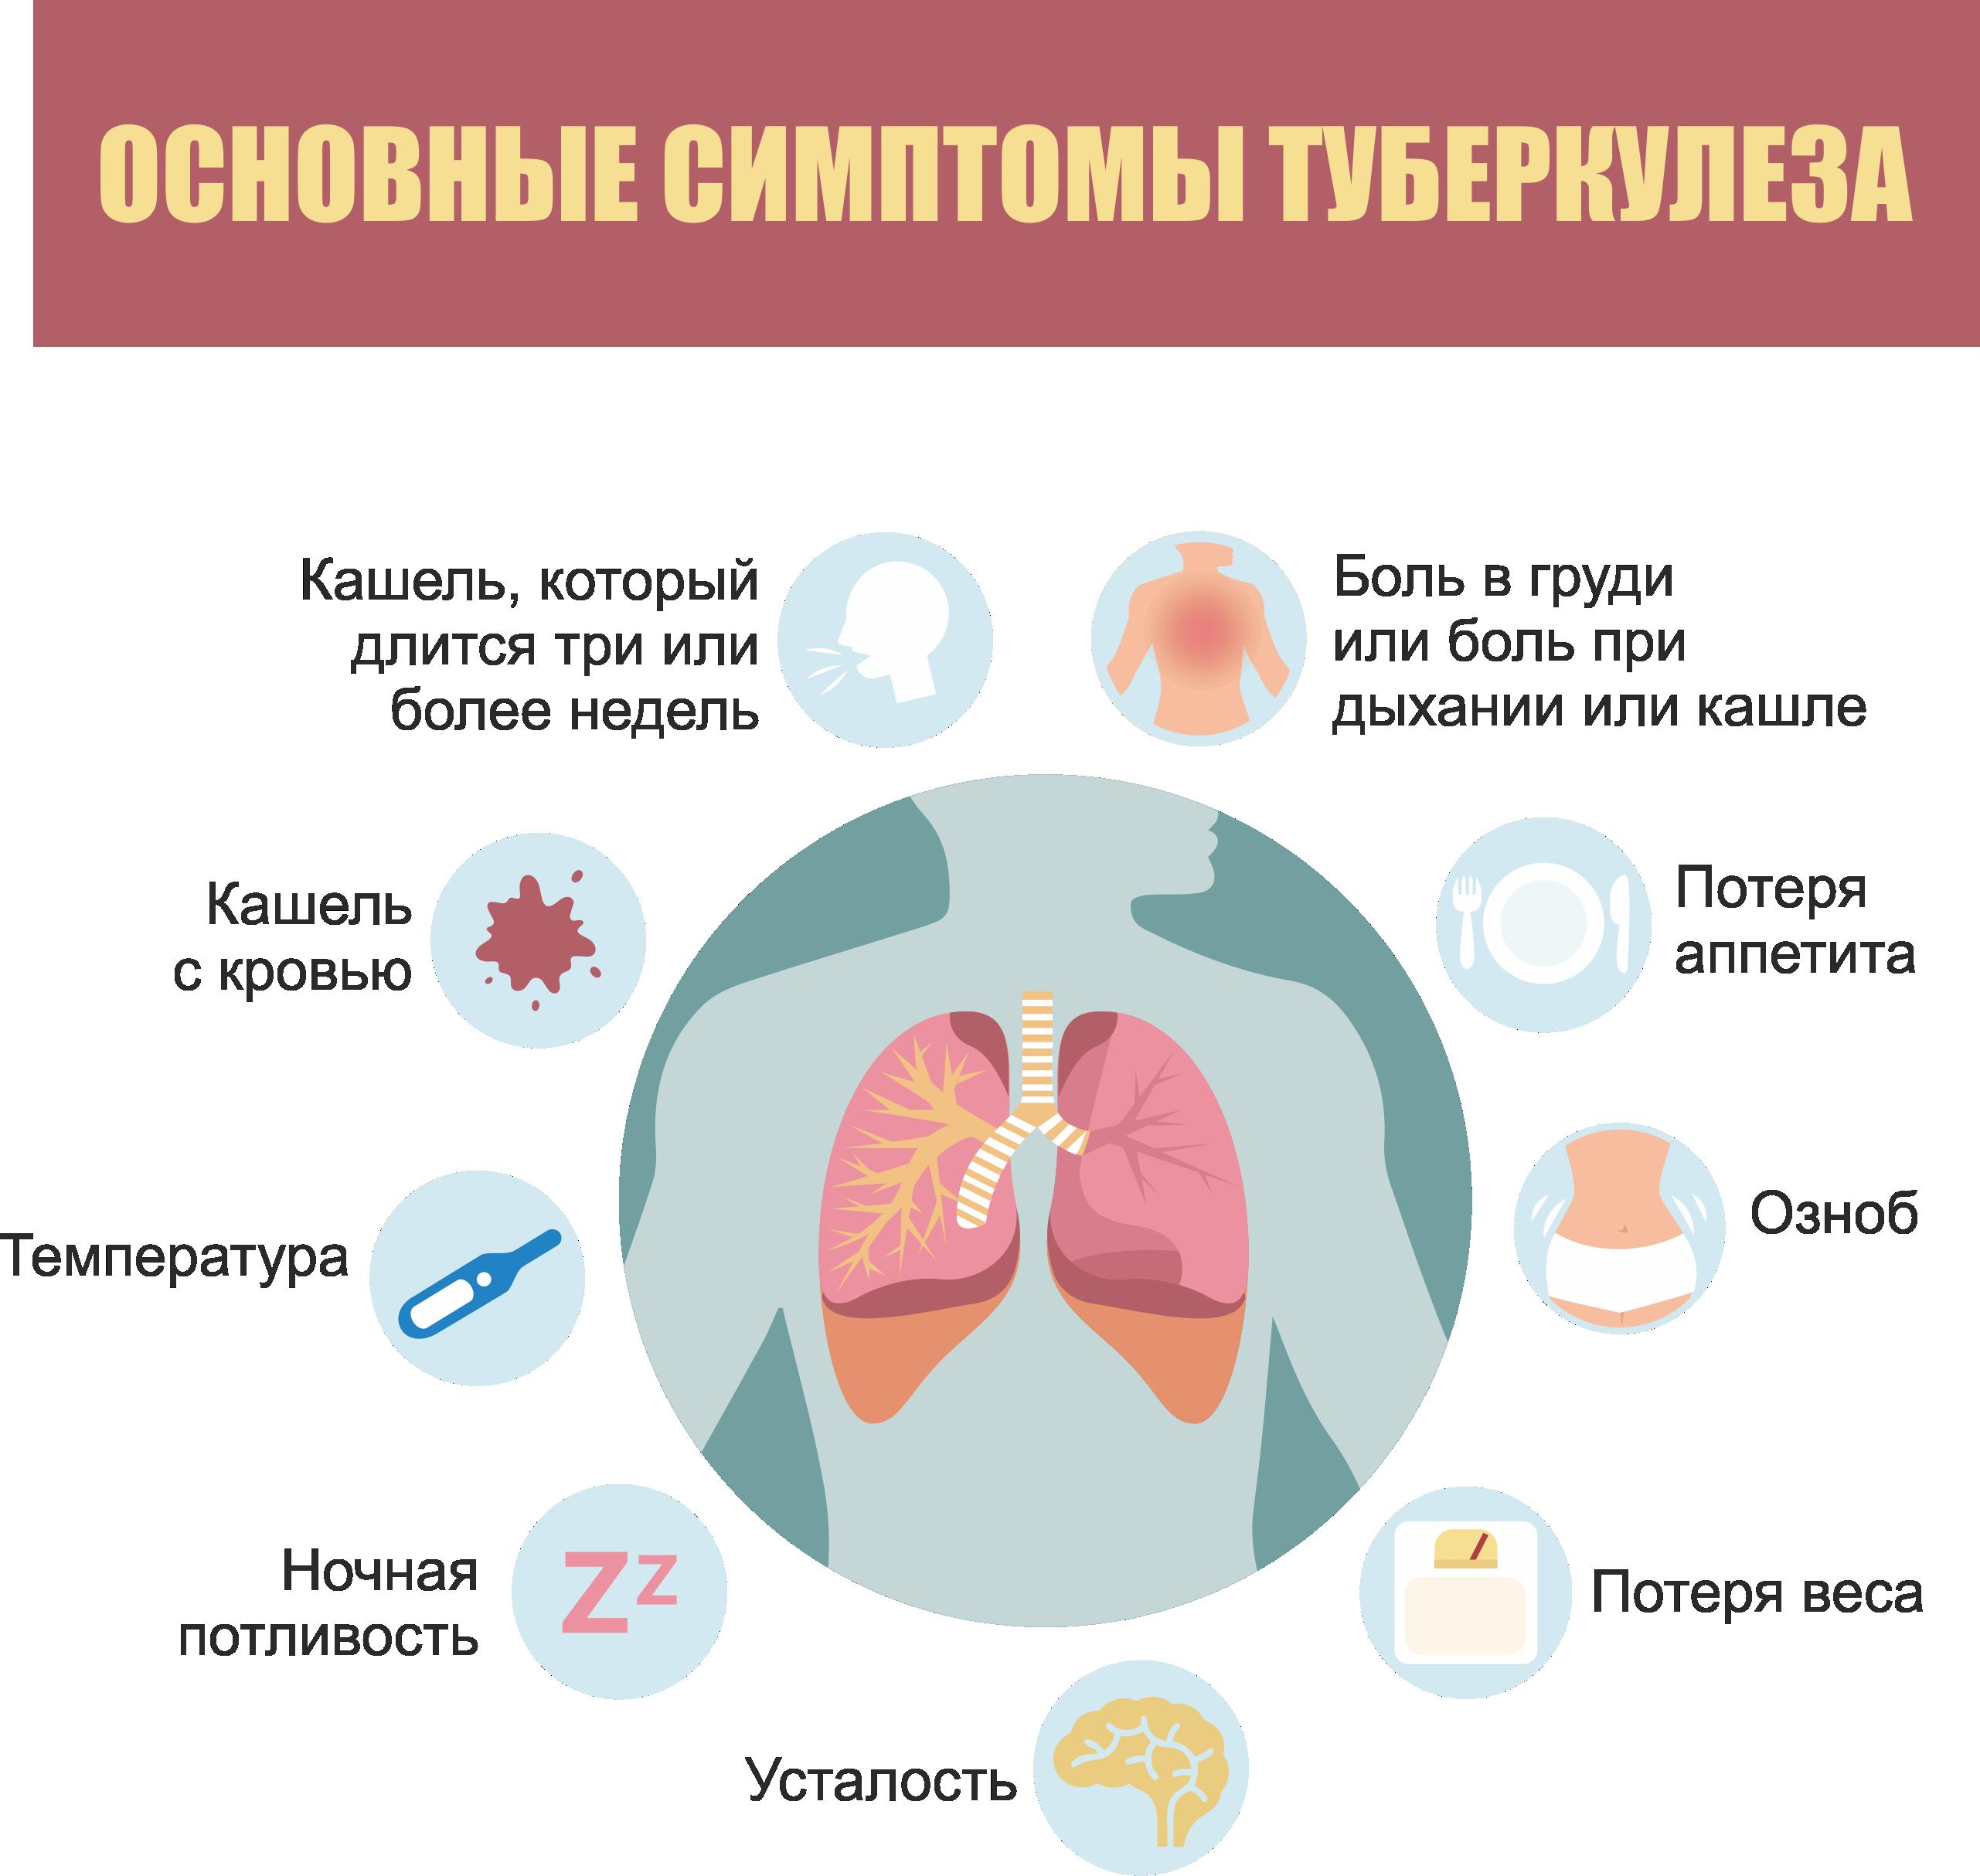 Диагностика латентного туберкулеза методом t-spot.tb в спб